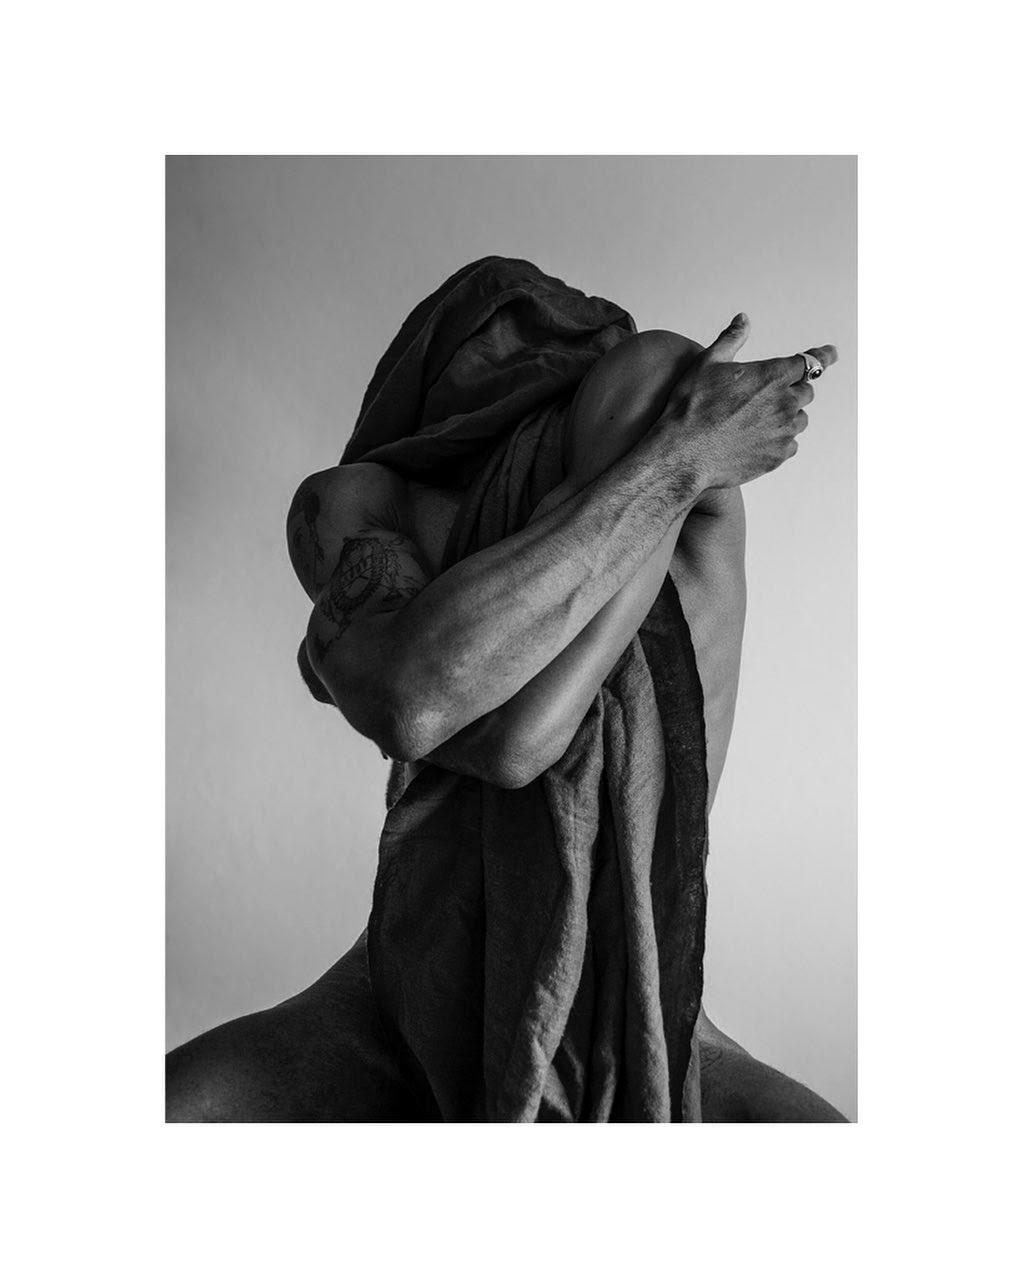 SedriG, by Thibault Gaëtan Dubroca ft Sedrig (NSFW).